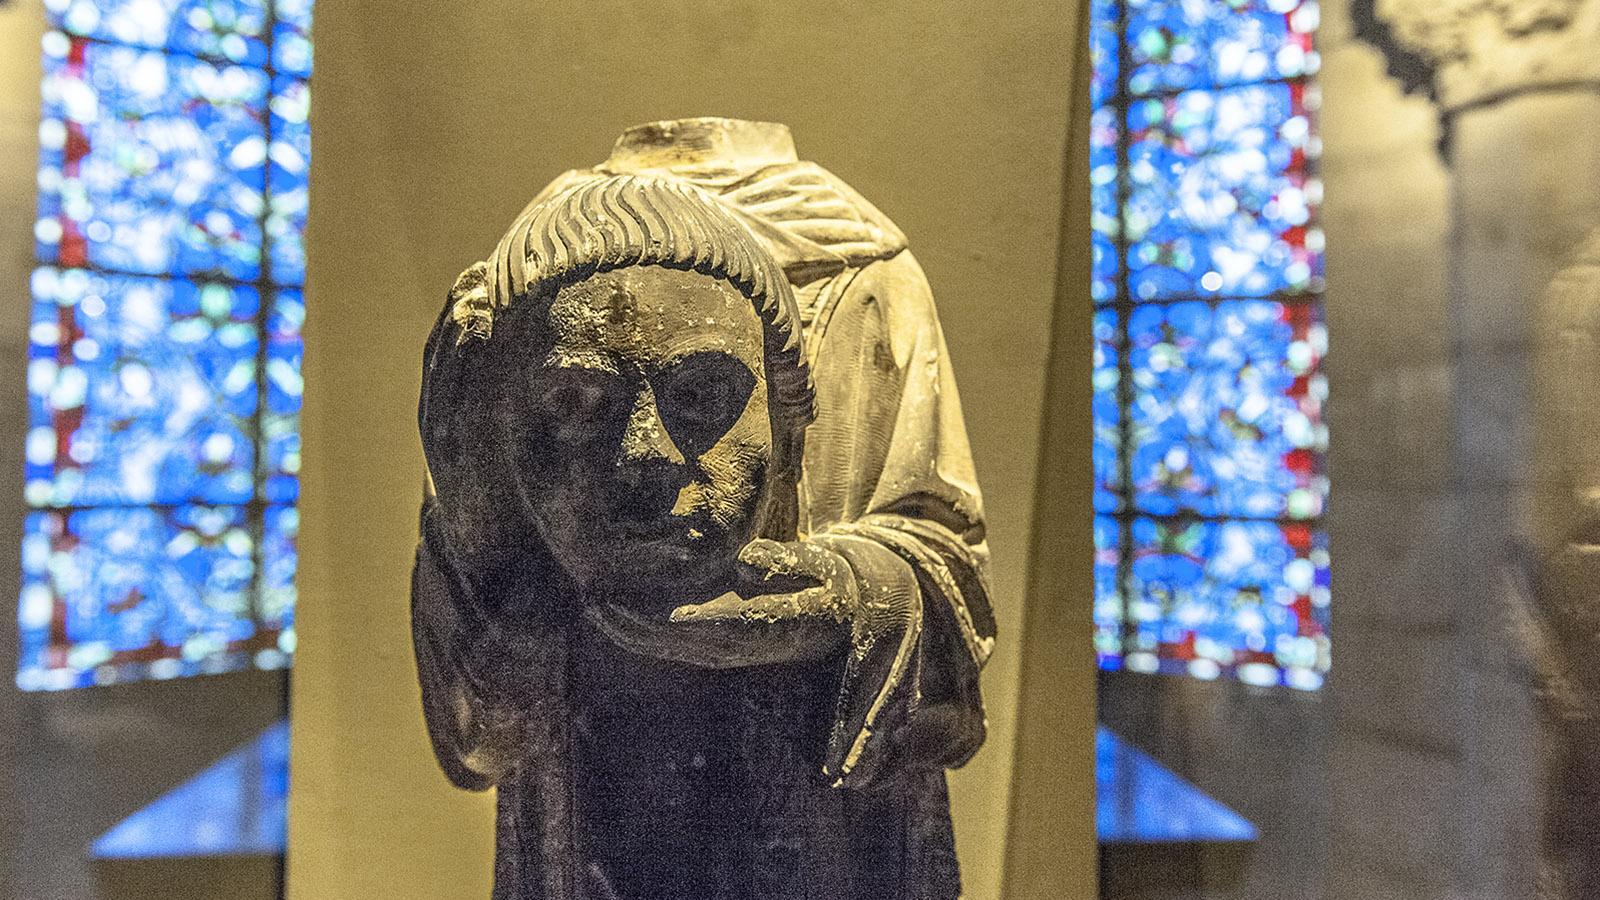 Der enthauptete Dionysios – eine Statue in der Krypta erinnert an ihn. Foto: Hilke Maunder